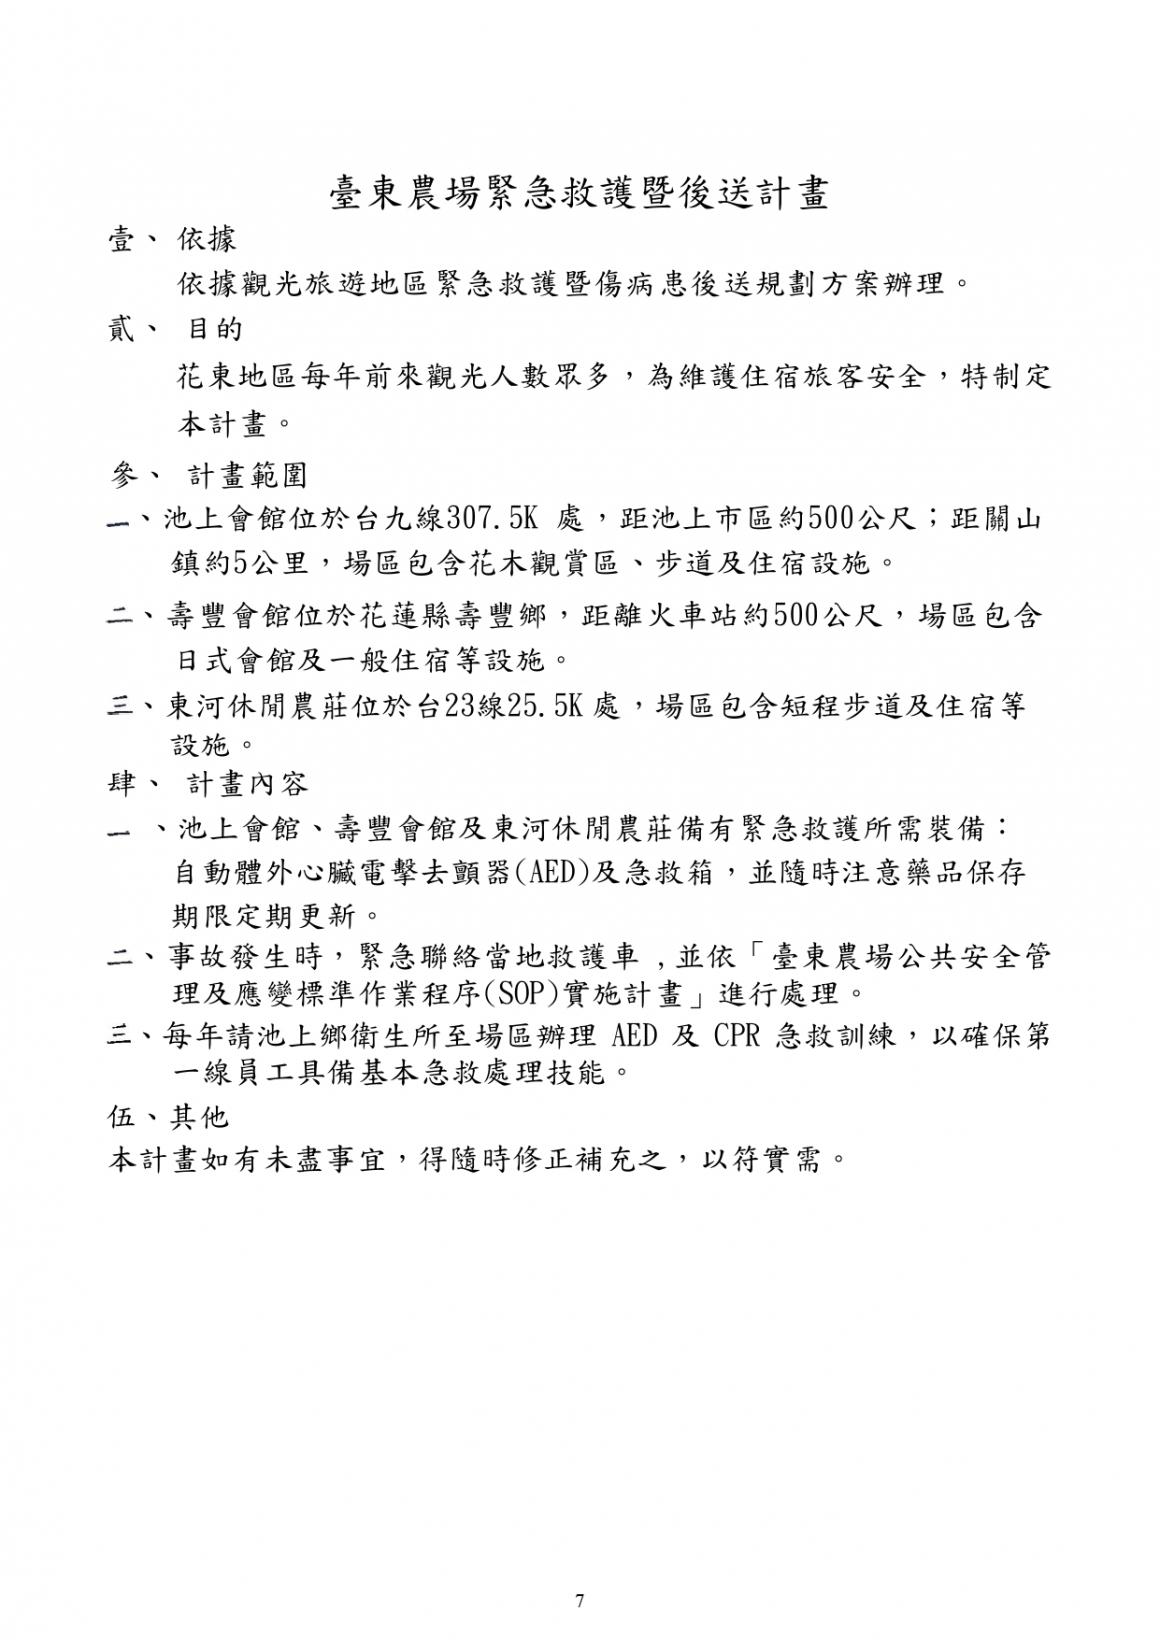 臺東農場應變程序正式版_page-0007